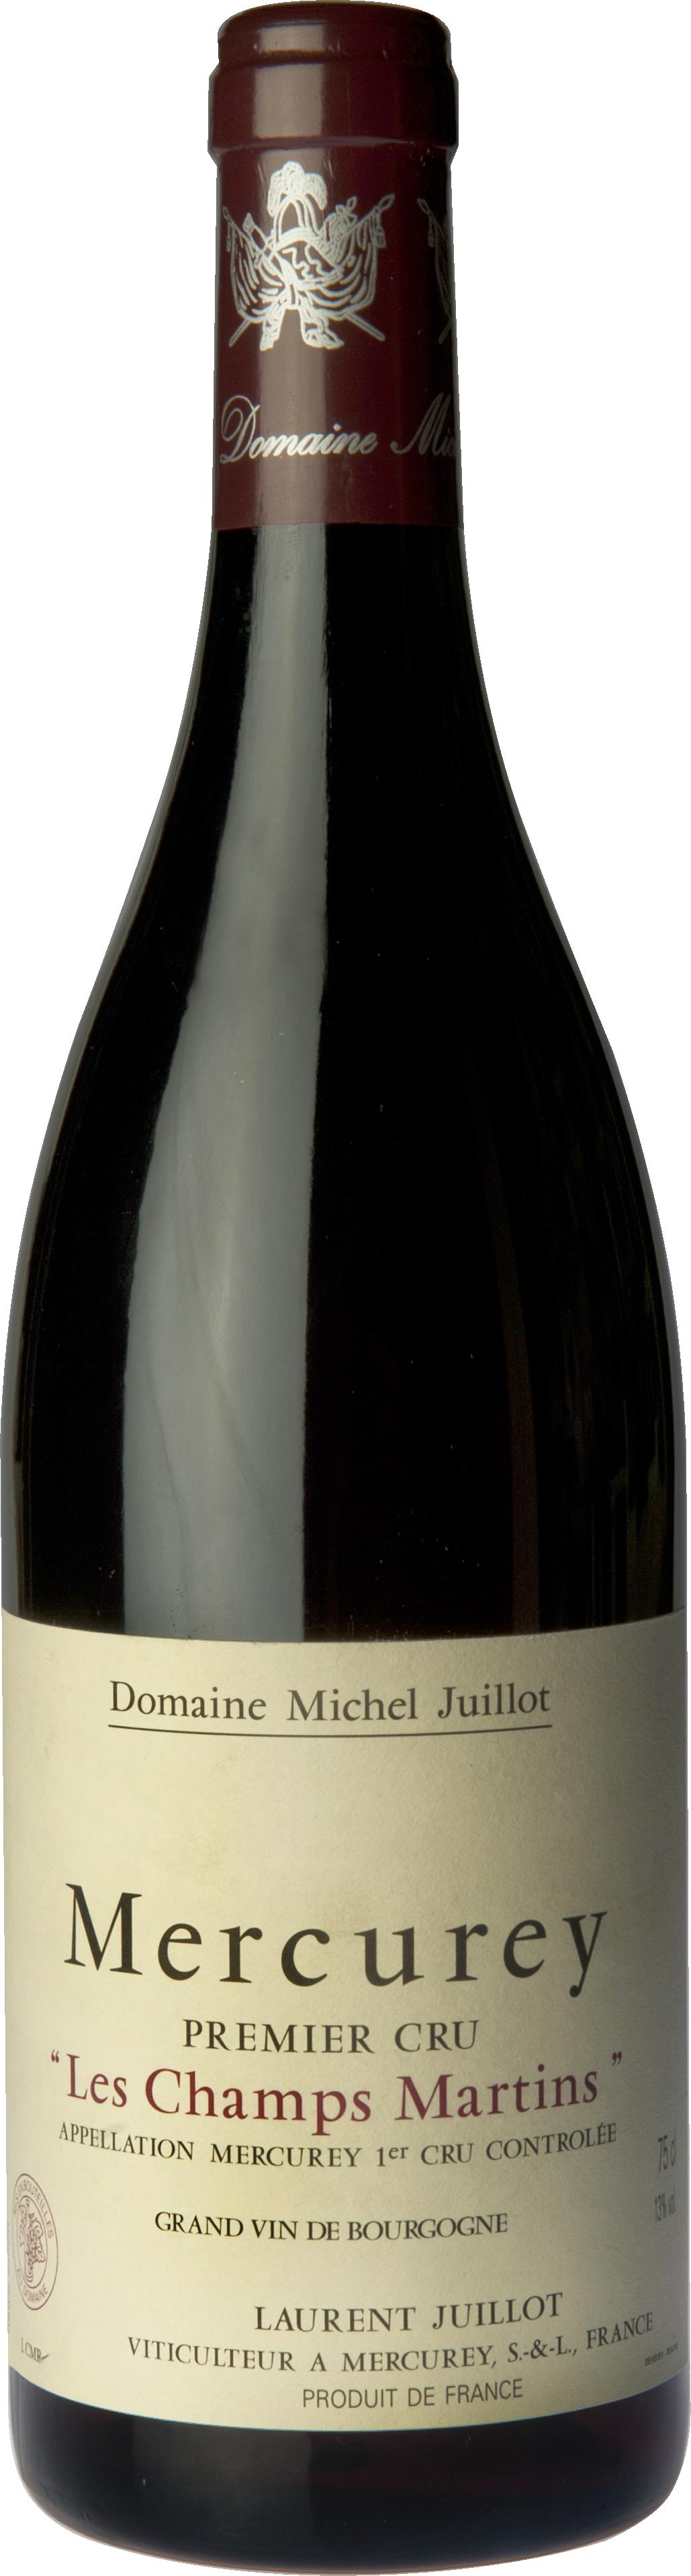 Domaine Michel Juillot bouteille de Mercurey Rouge Premier Cru Les Champs Martins